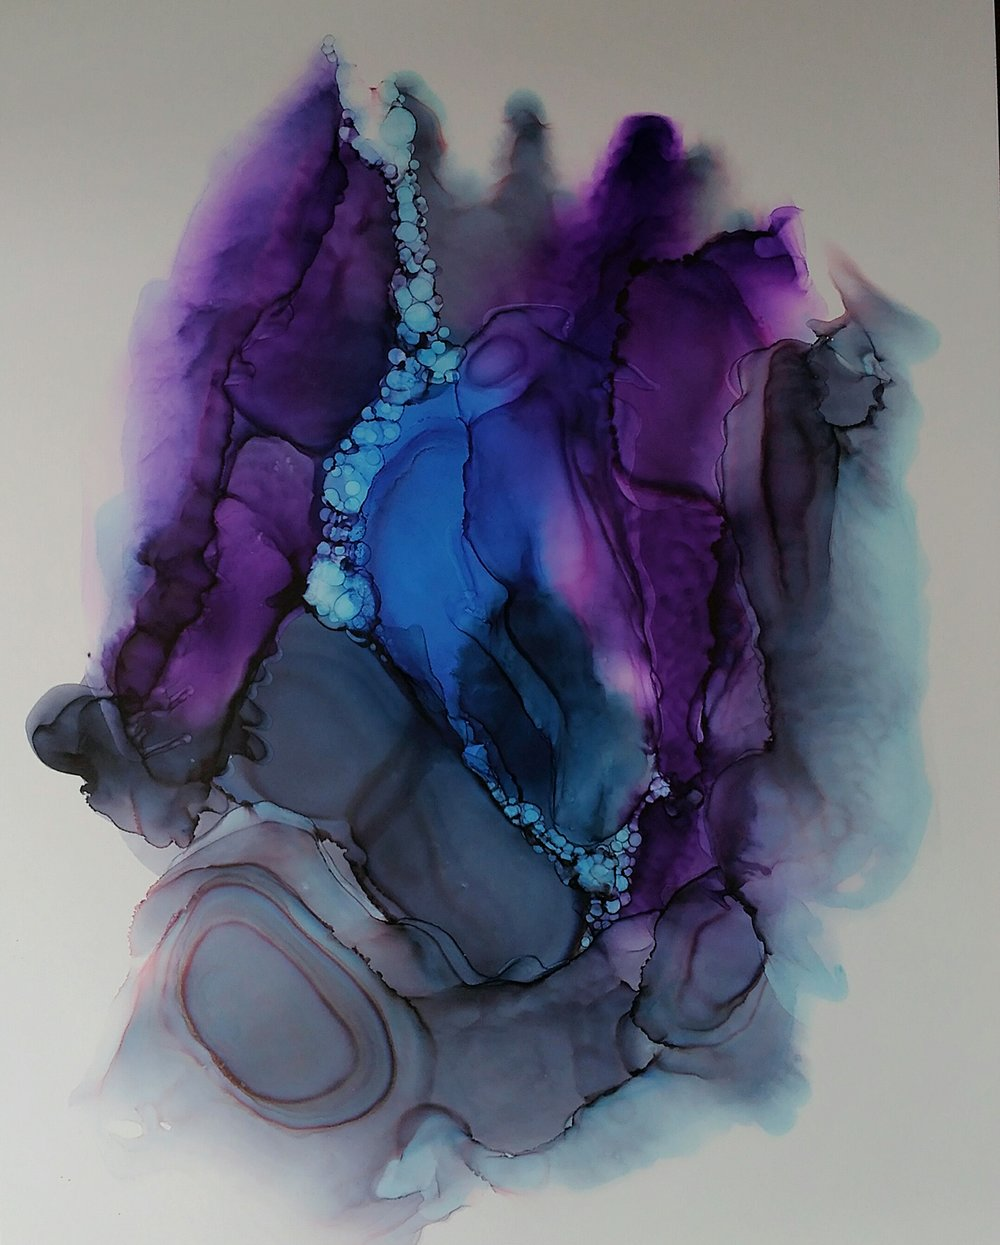 Vivid (11 x 14 in)